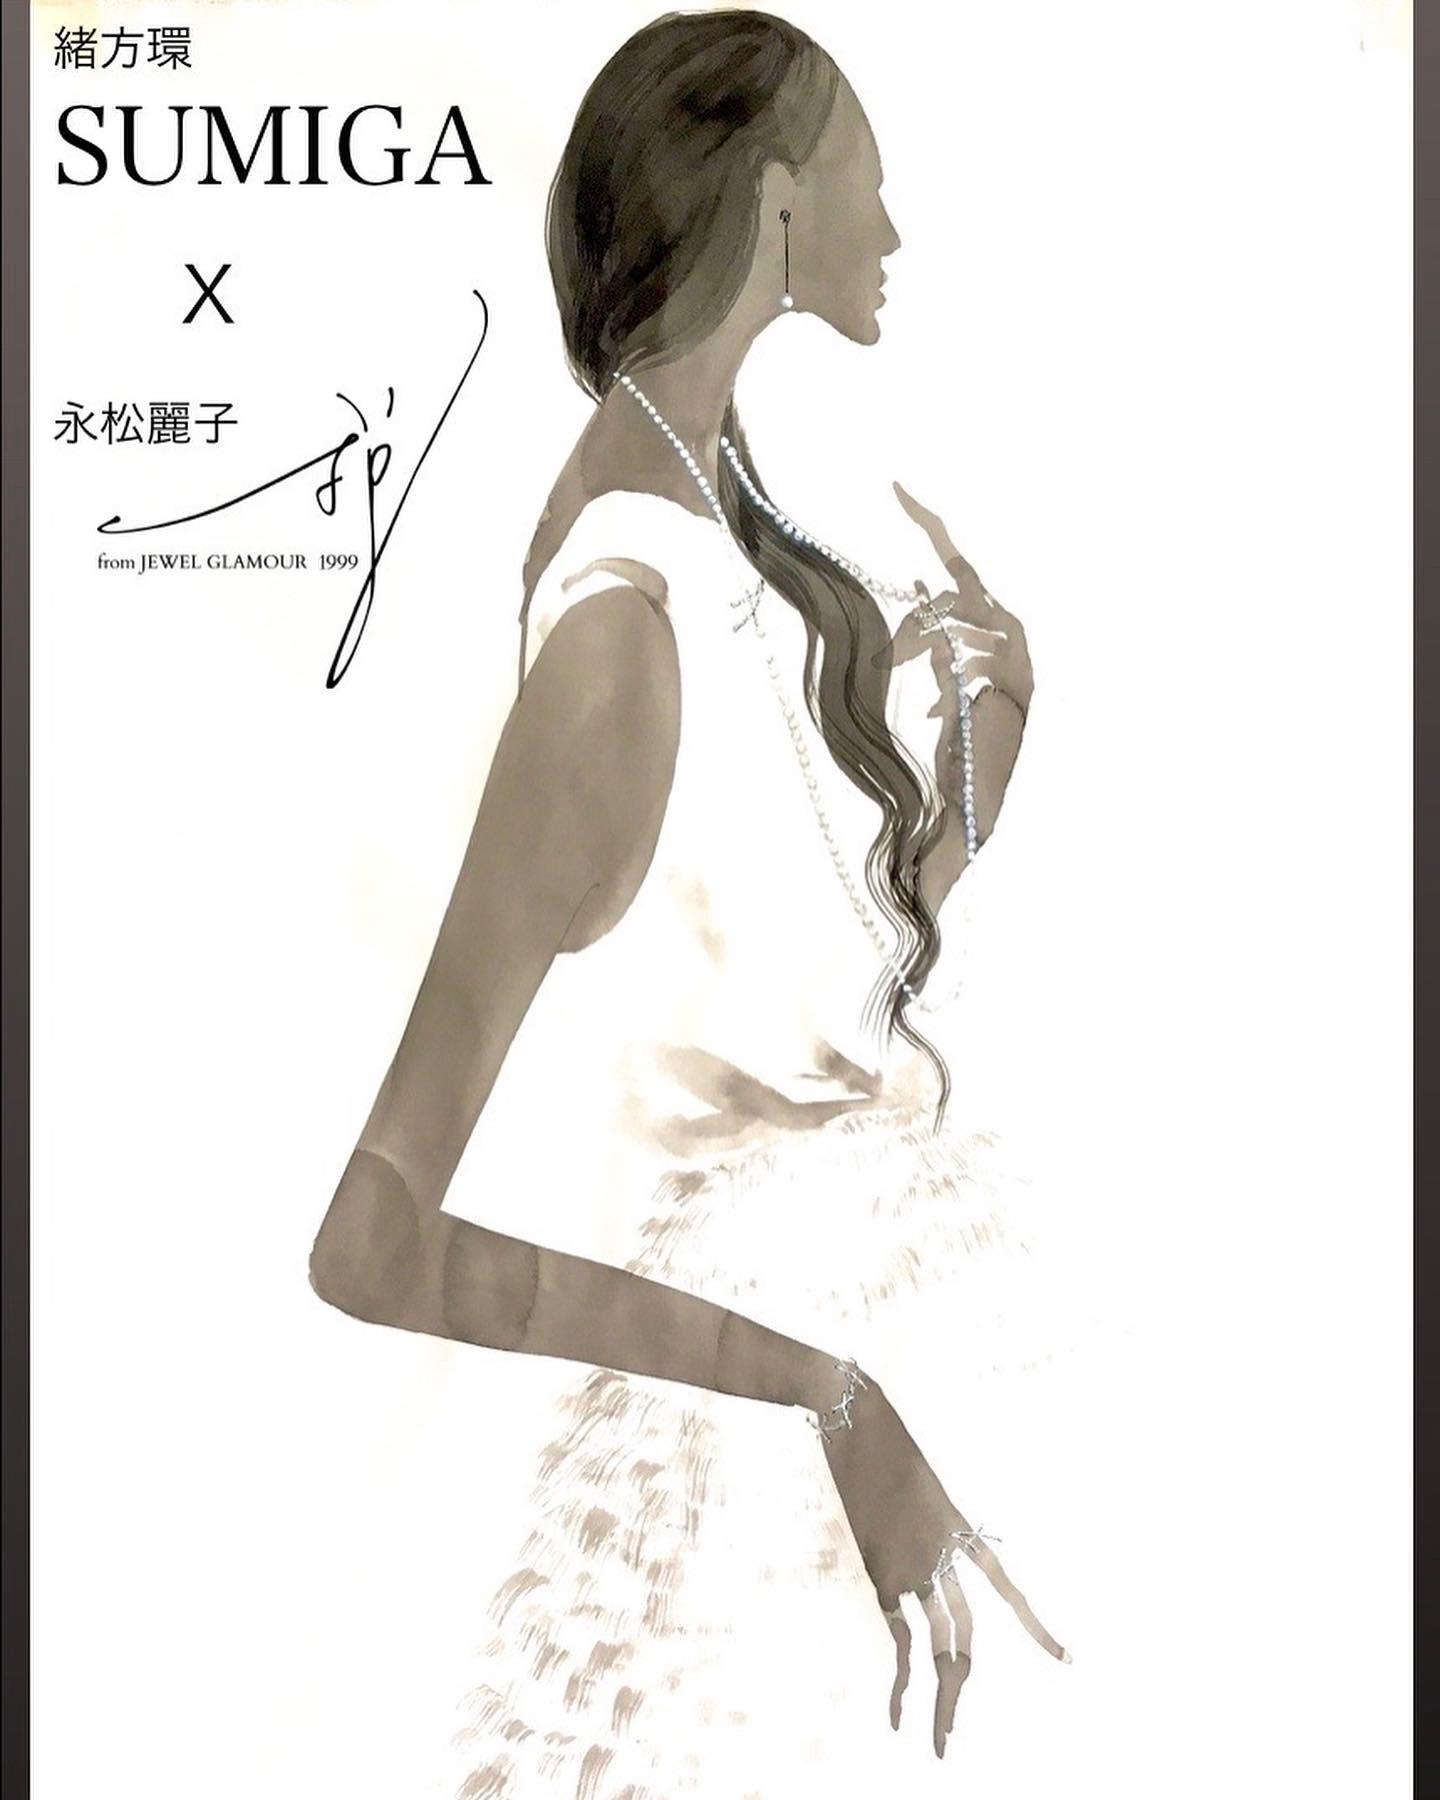 緒方環SUMIGA  X 永松麗子jgコラボベントのお知らせ